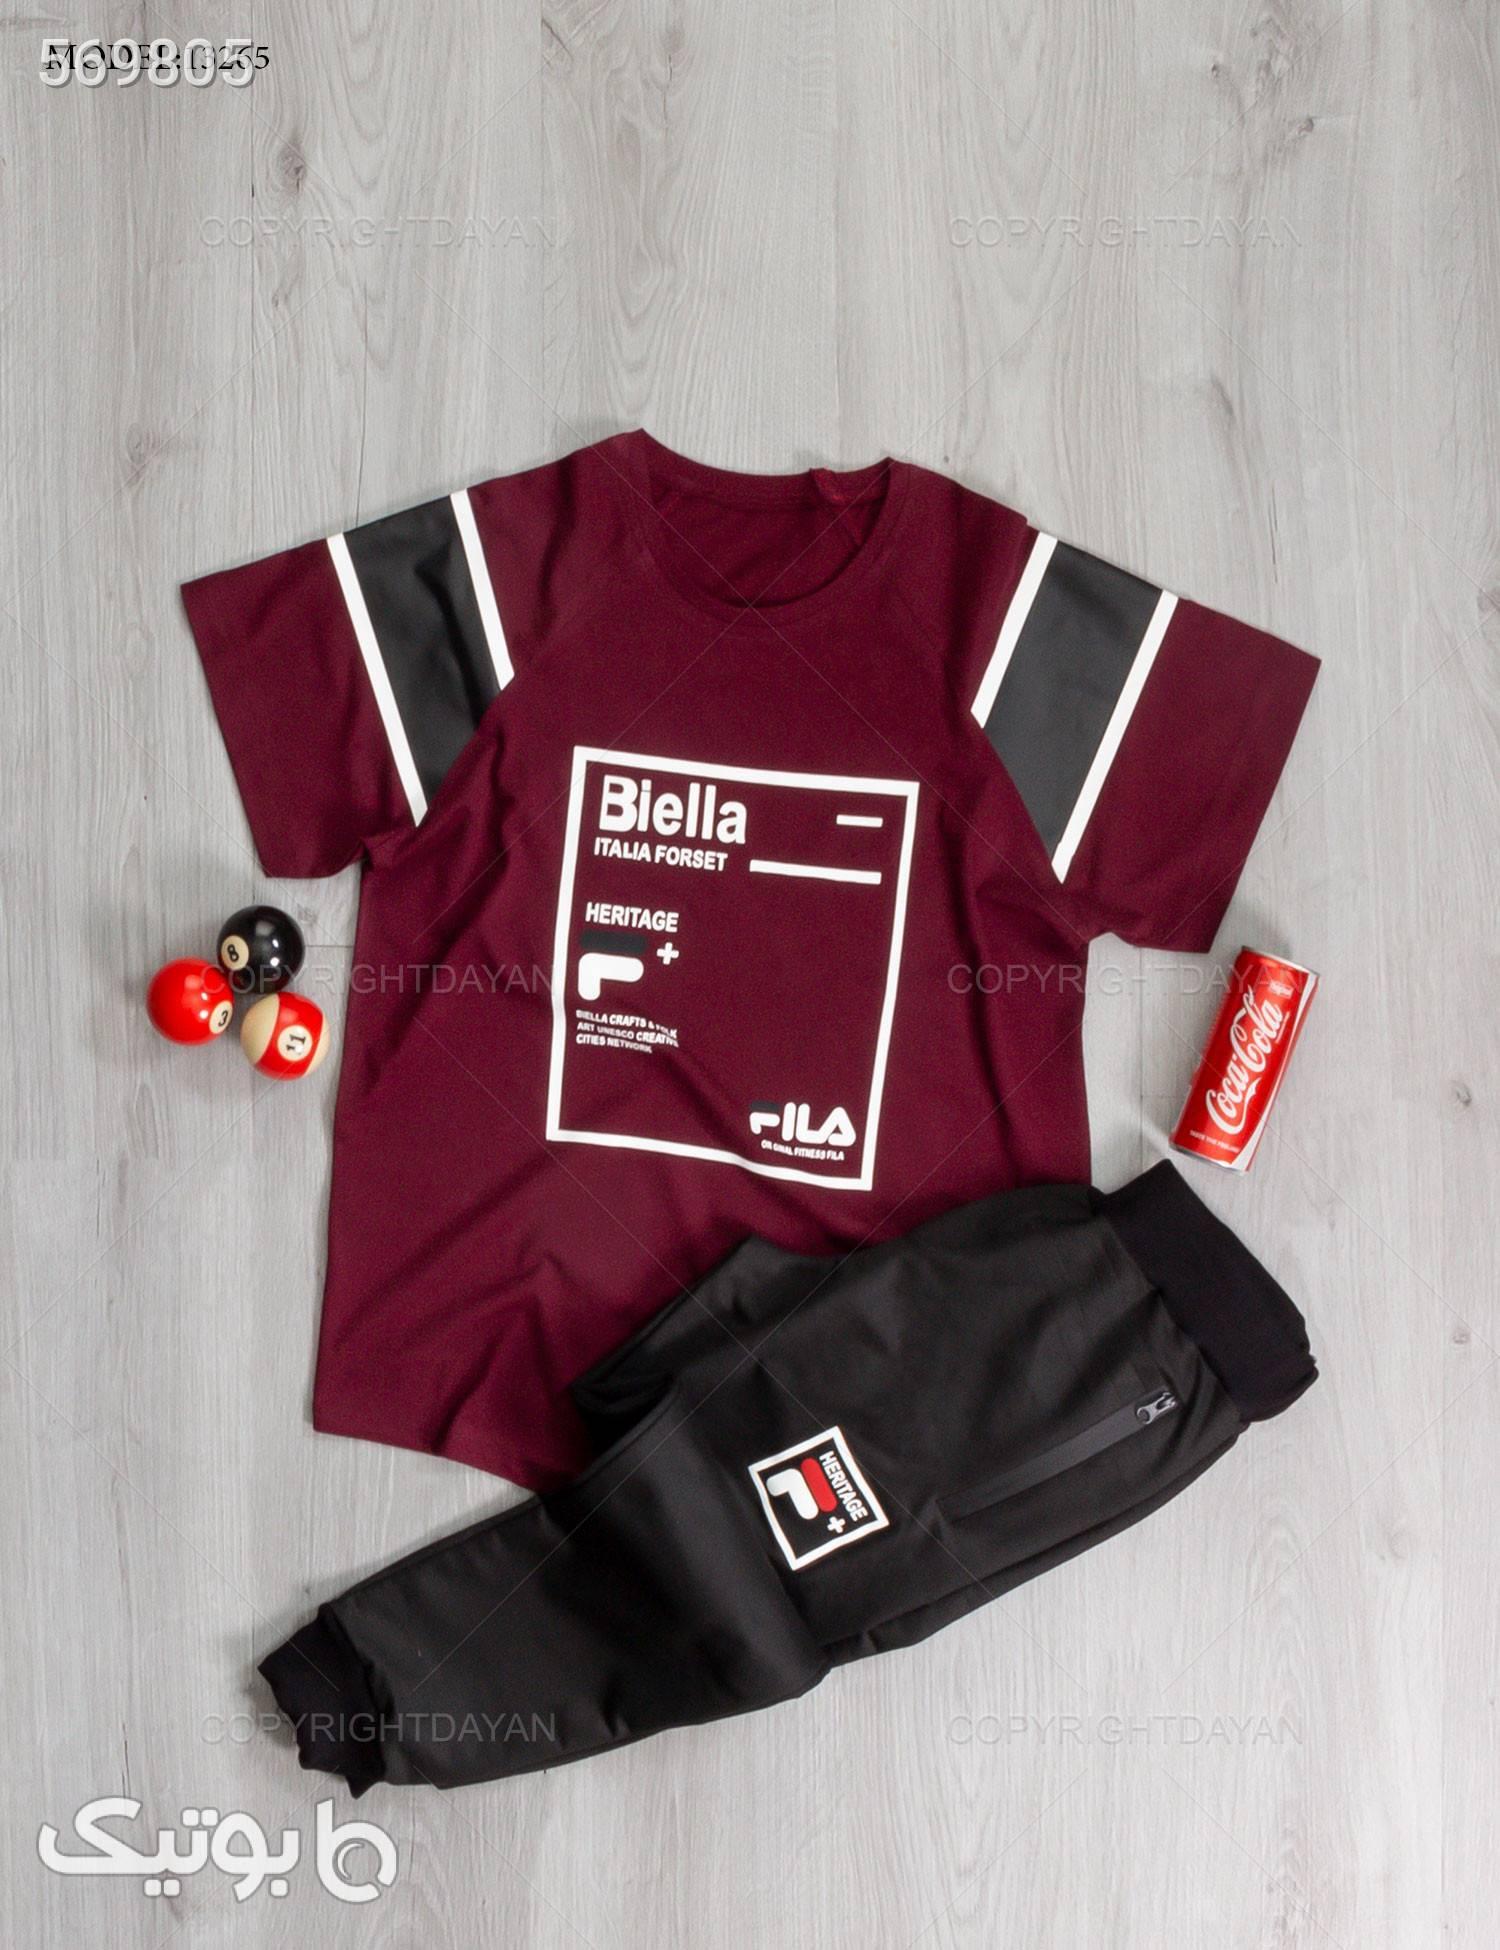 ست تیشرت و شلوار مردانه Fila مدل 13265 مشکی تی شرت و پولو شرت مردانه